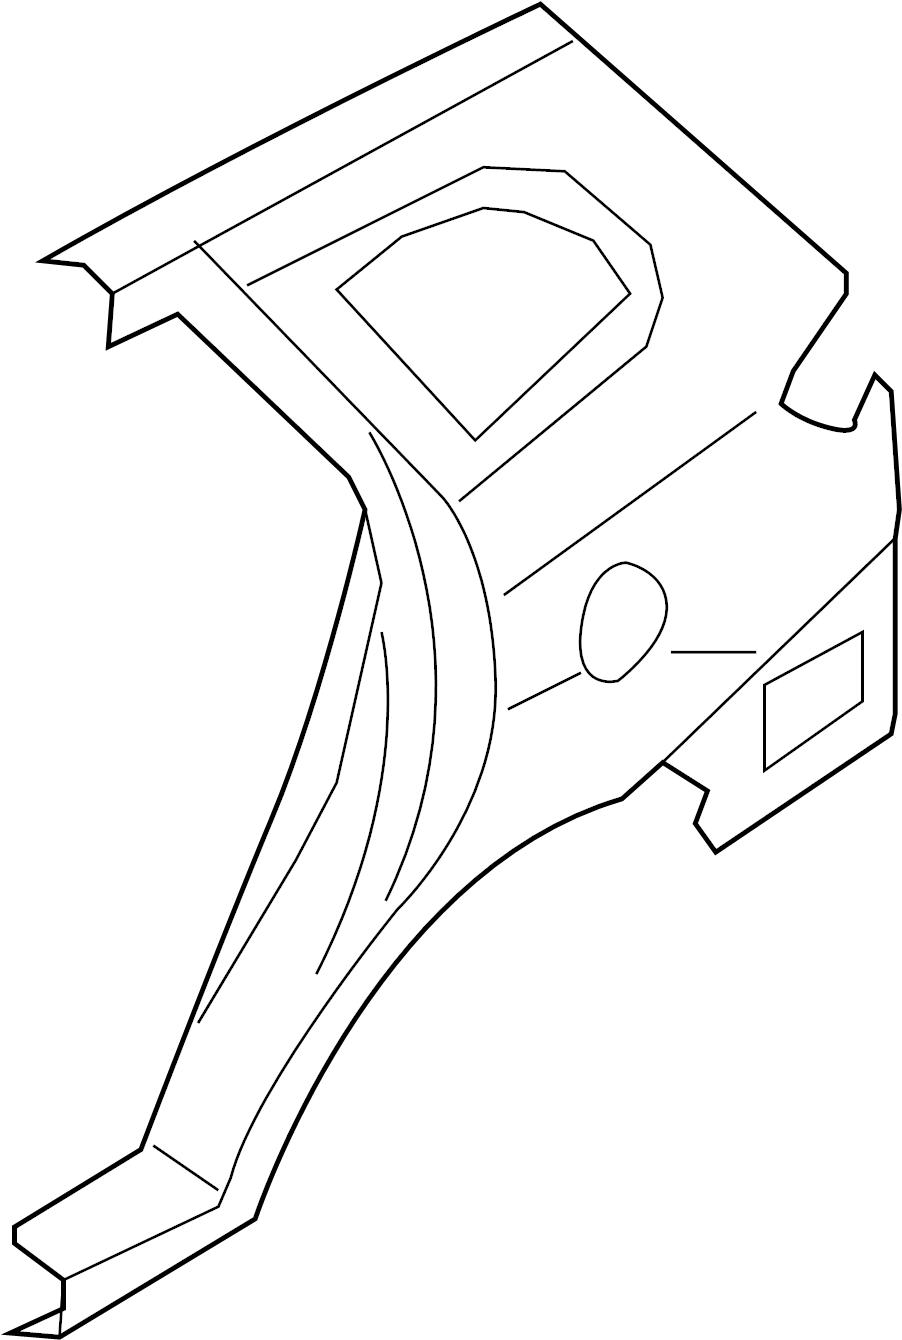 715040wc50 - hyundai panel assembly